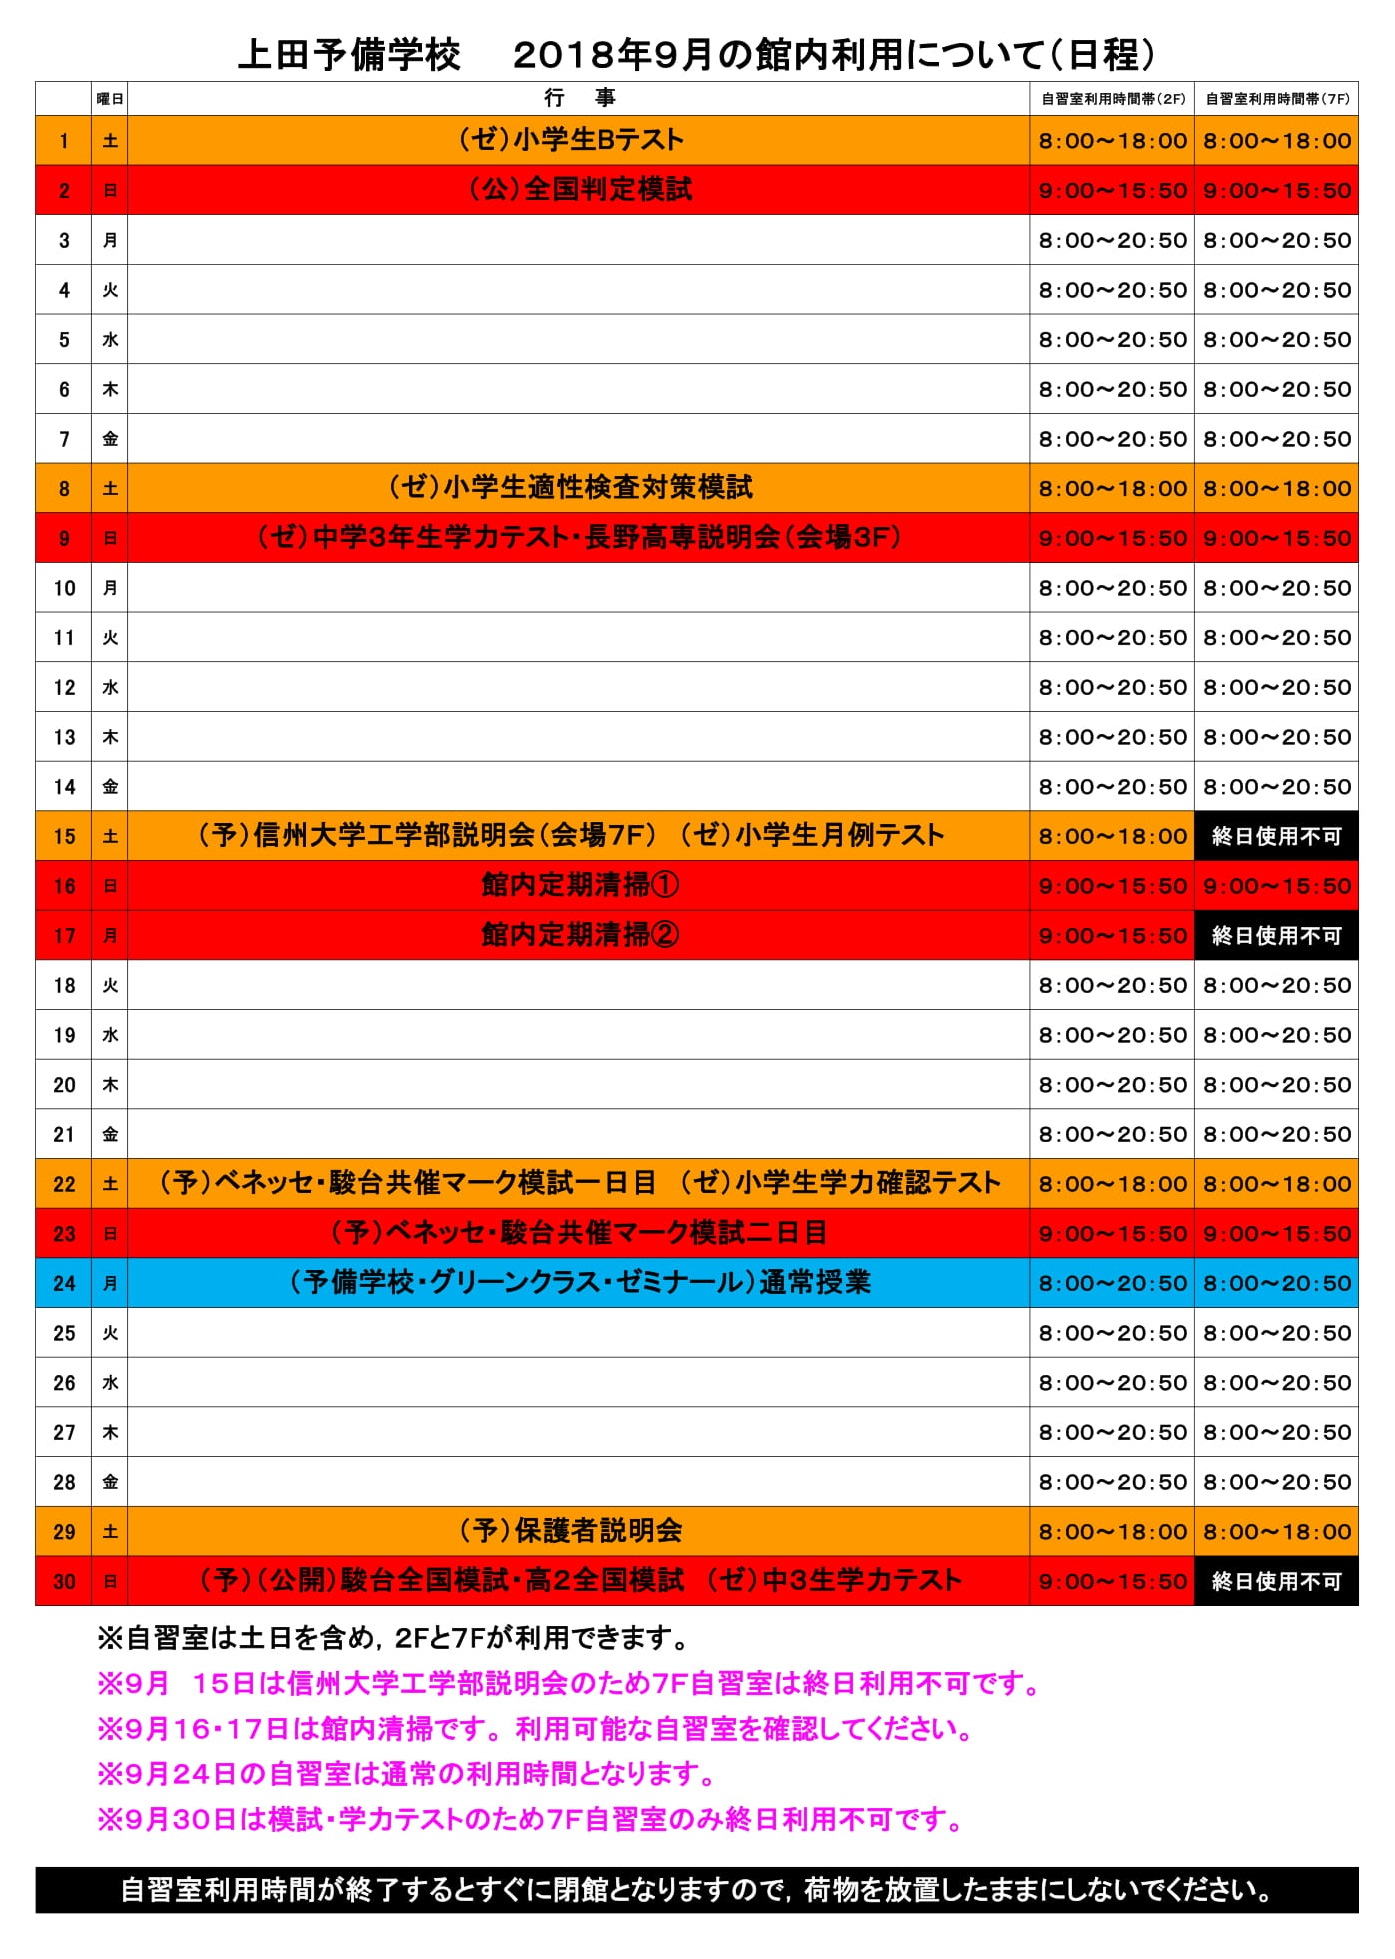 自習室利用スケジュール(2018年度) 9月訂正版-1